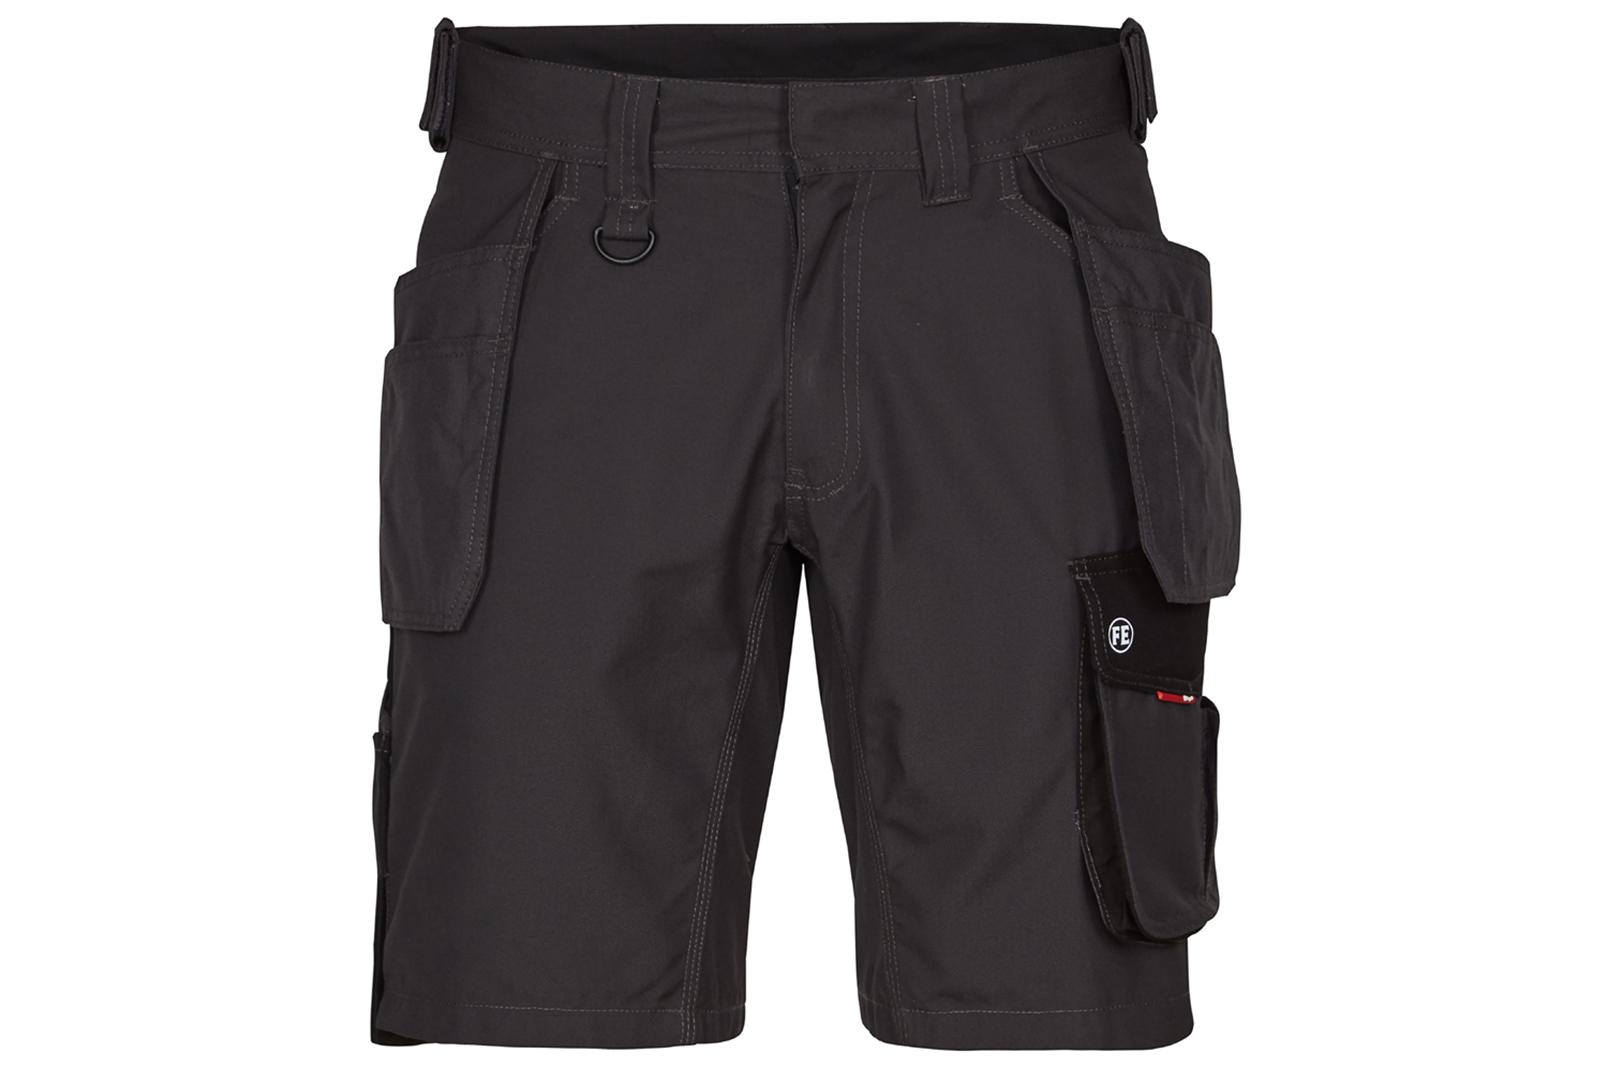 Win a pair of galaxy shorts